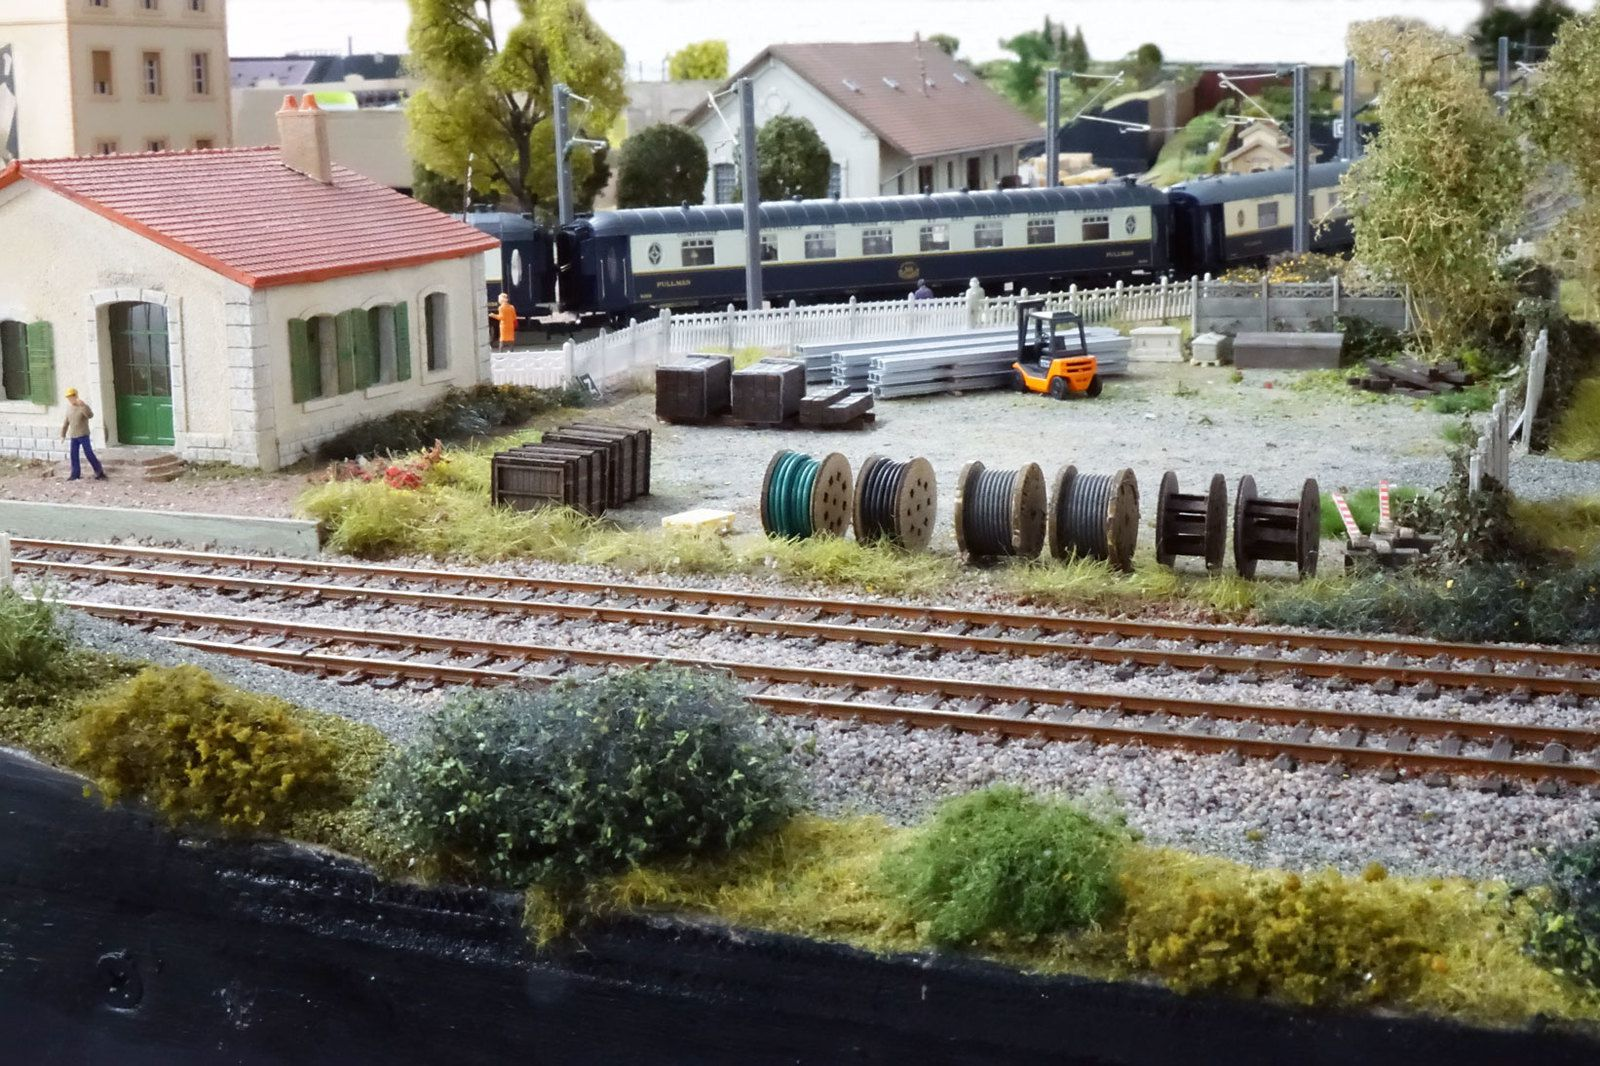 A Courbeville, dans un terrain en triangle délimité par les voies, le service VB dispose de bureaux et d'un emplacement de stockage.